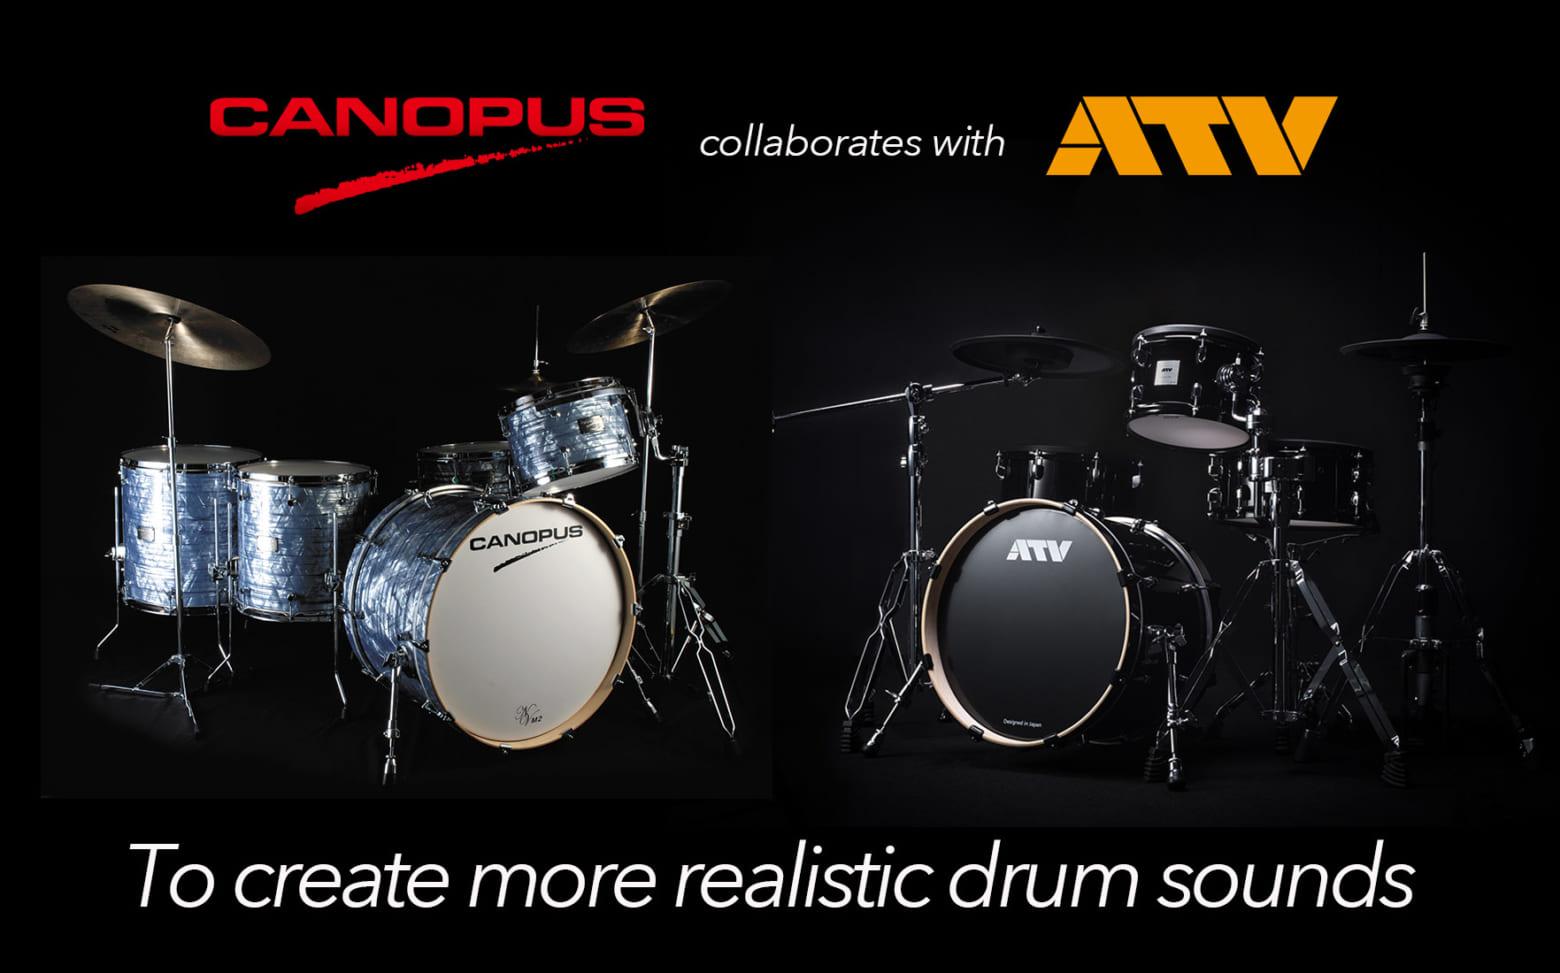 アコースティックドラムメーカーのカノウプスと電子ドラムメーカーのATVが提携